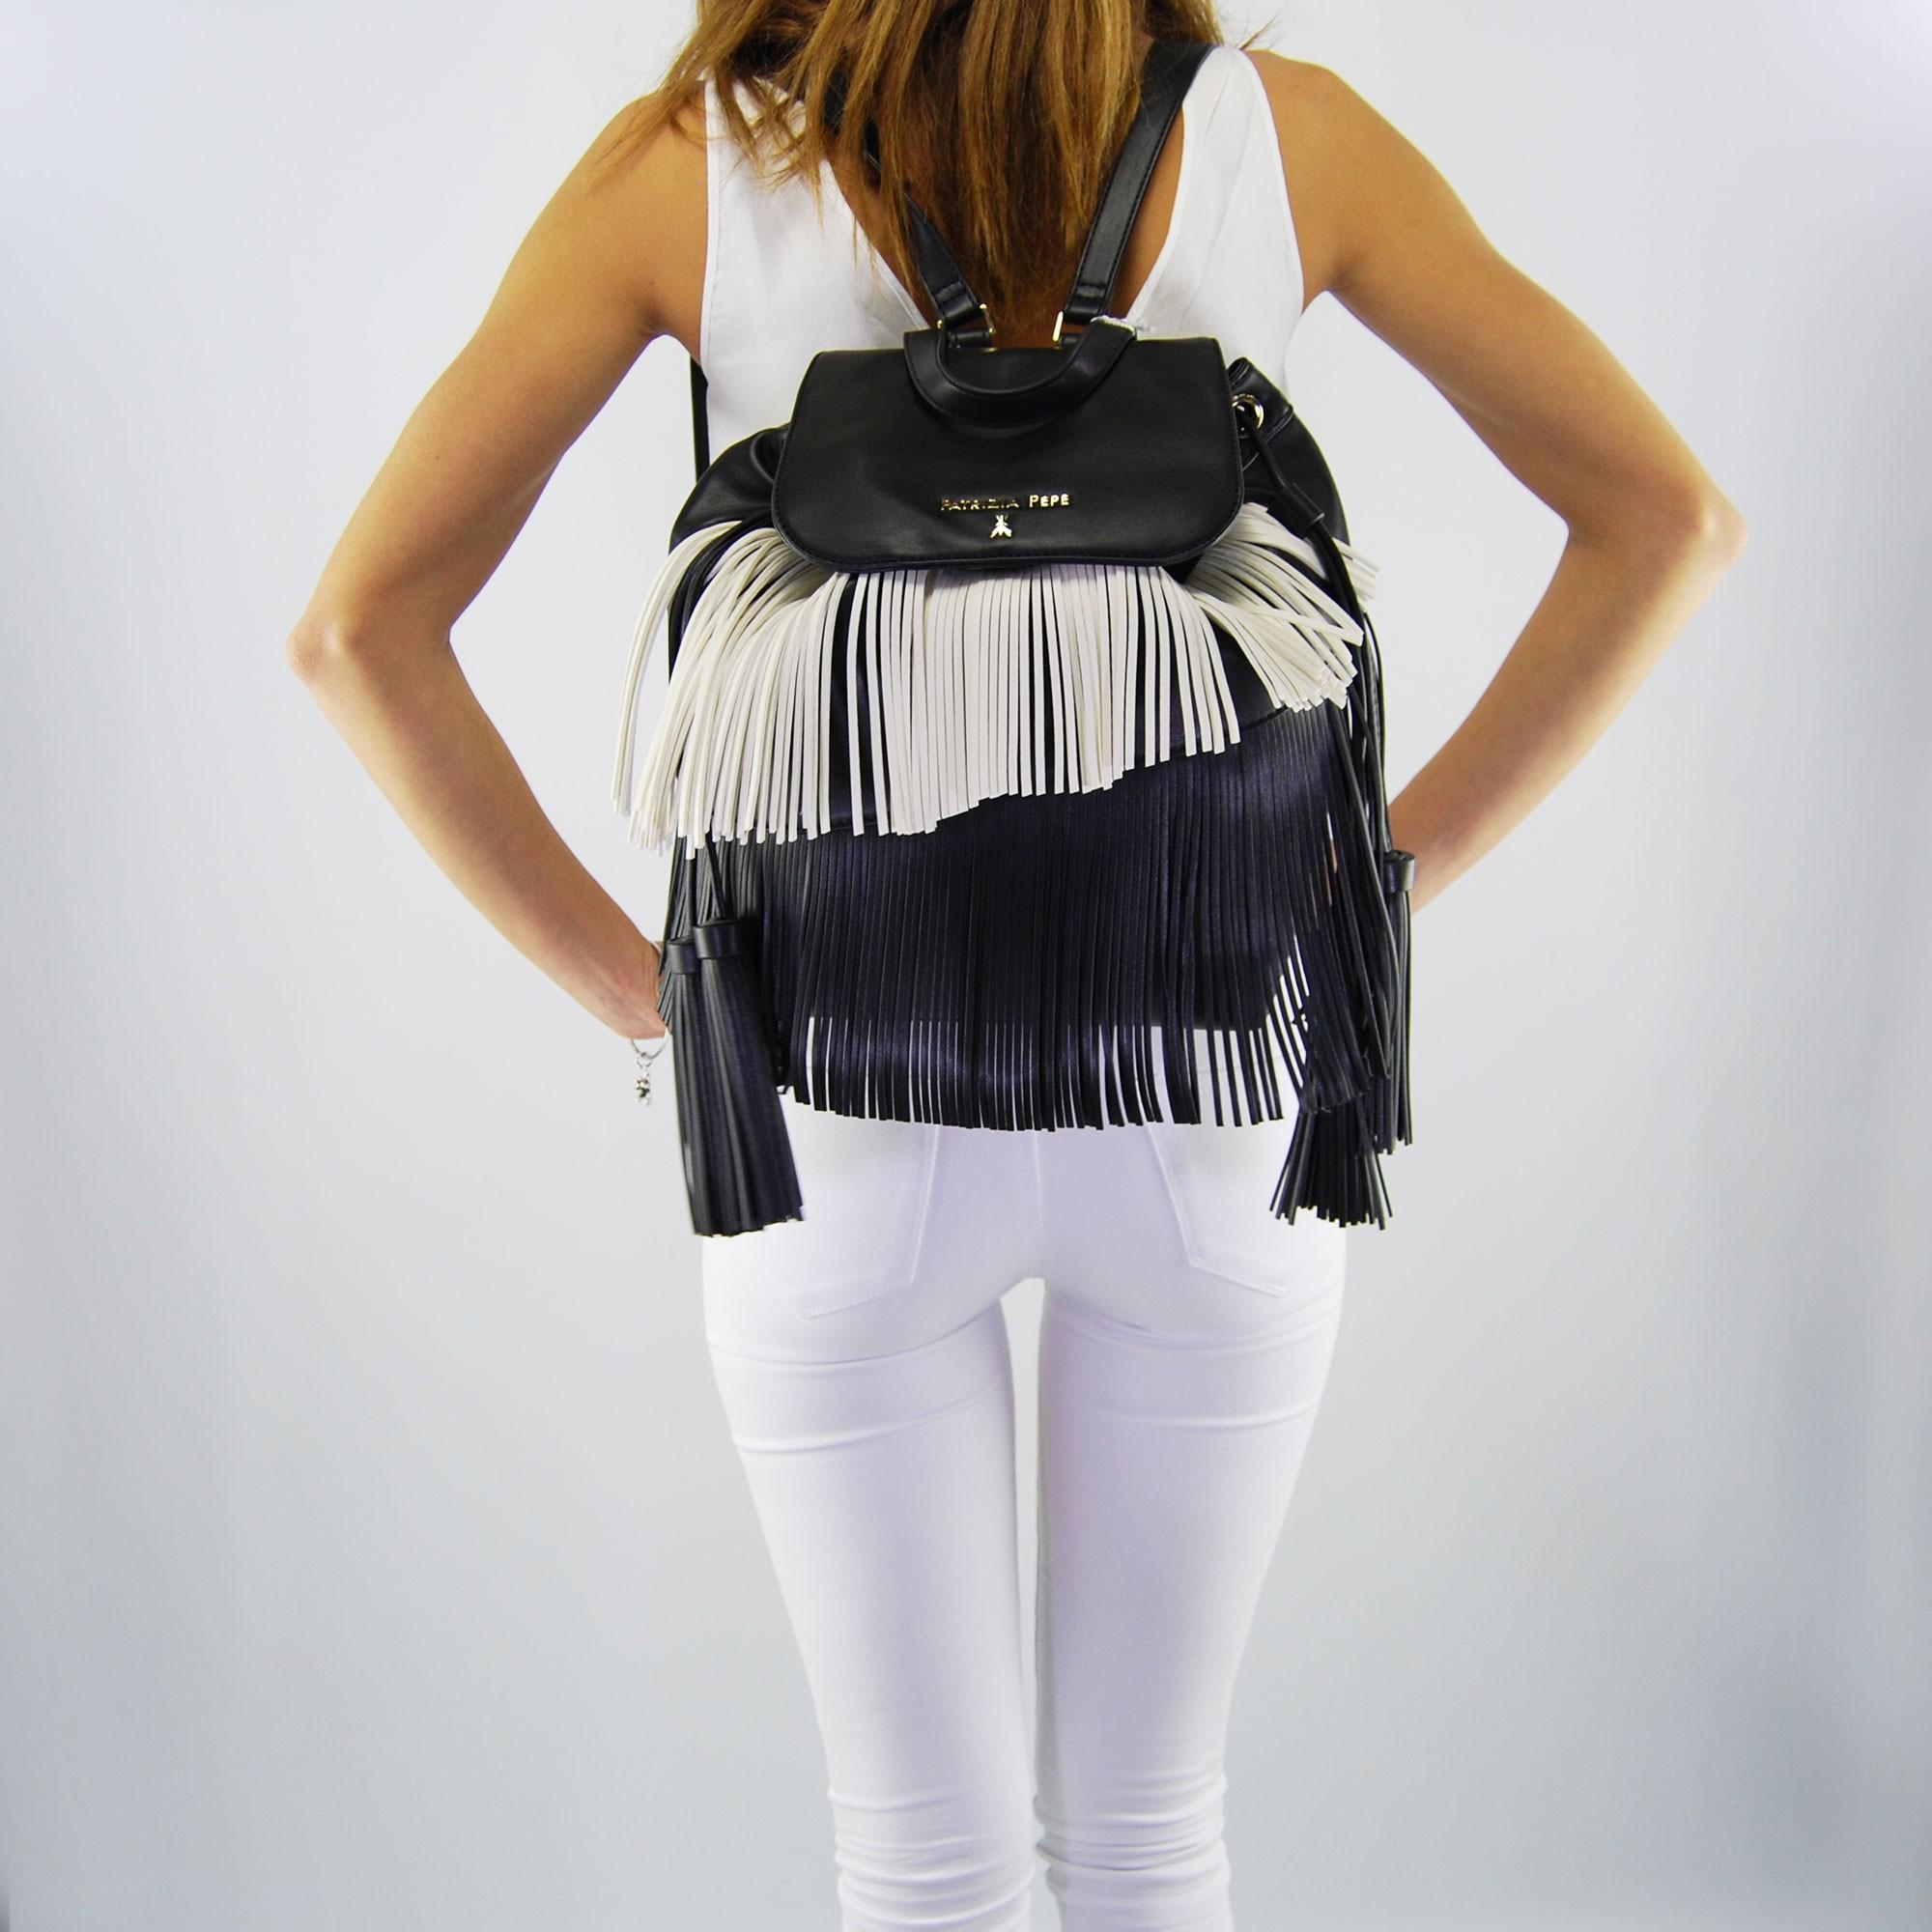 new style 2c440 24f07 Bag backpack Patrizia Pepe fringe black off white